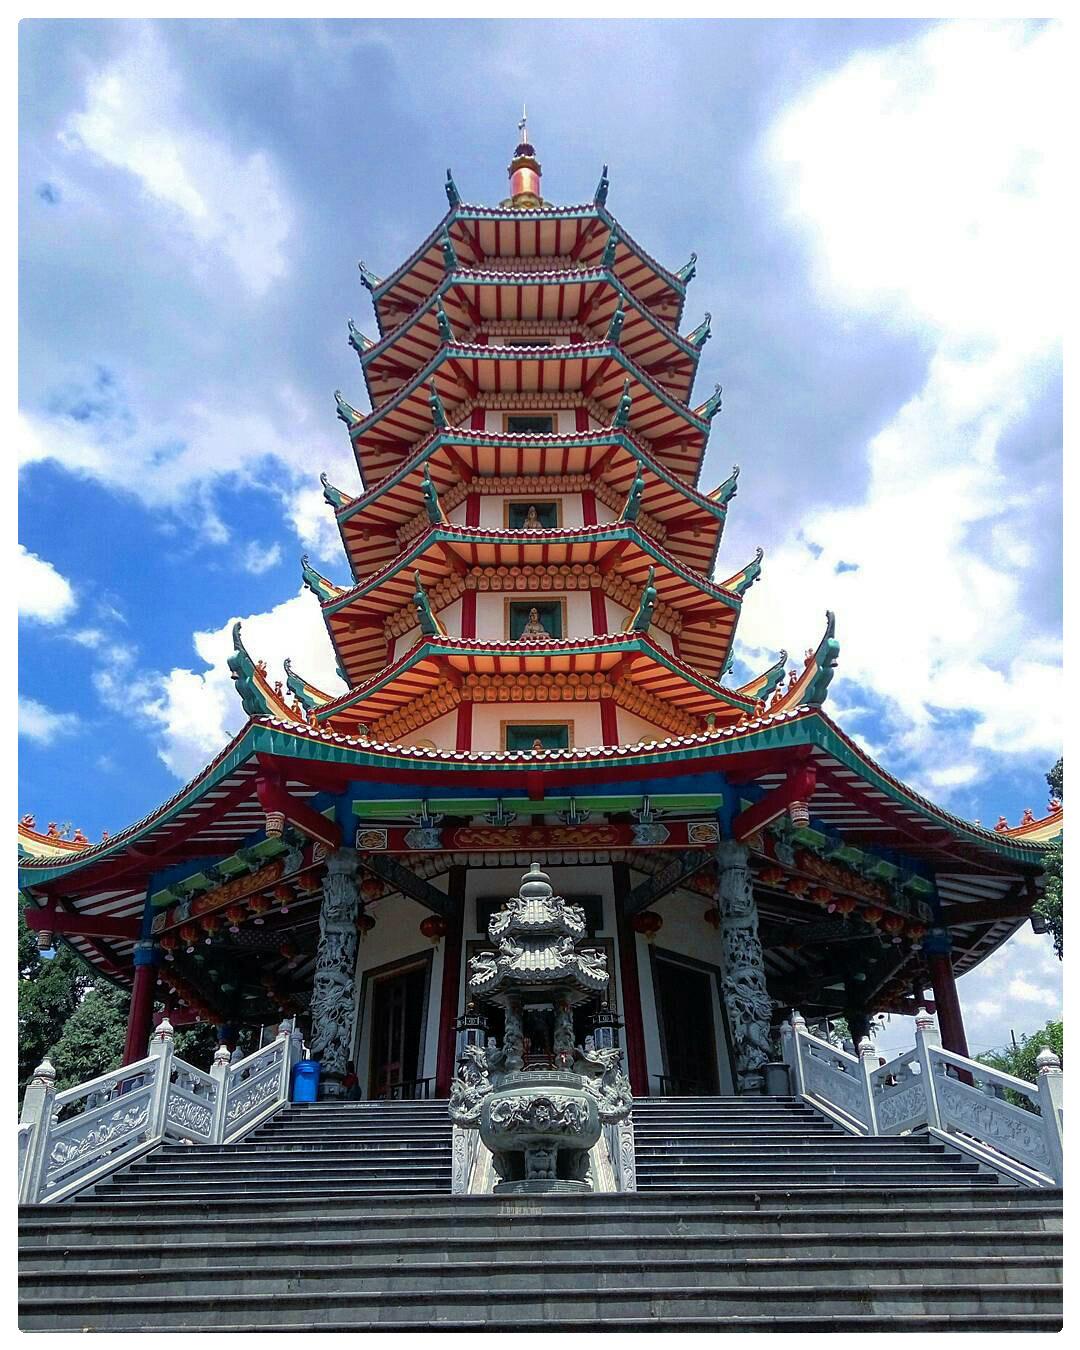 Wisata Pagoda Vihara Watugong Semarang Riska Setya Klenteng Avalokitesvara Kab